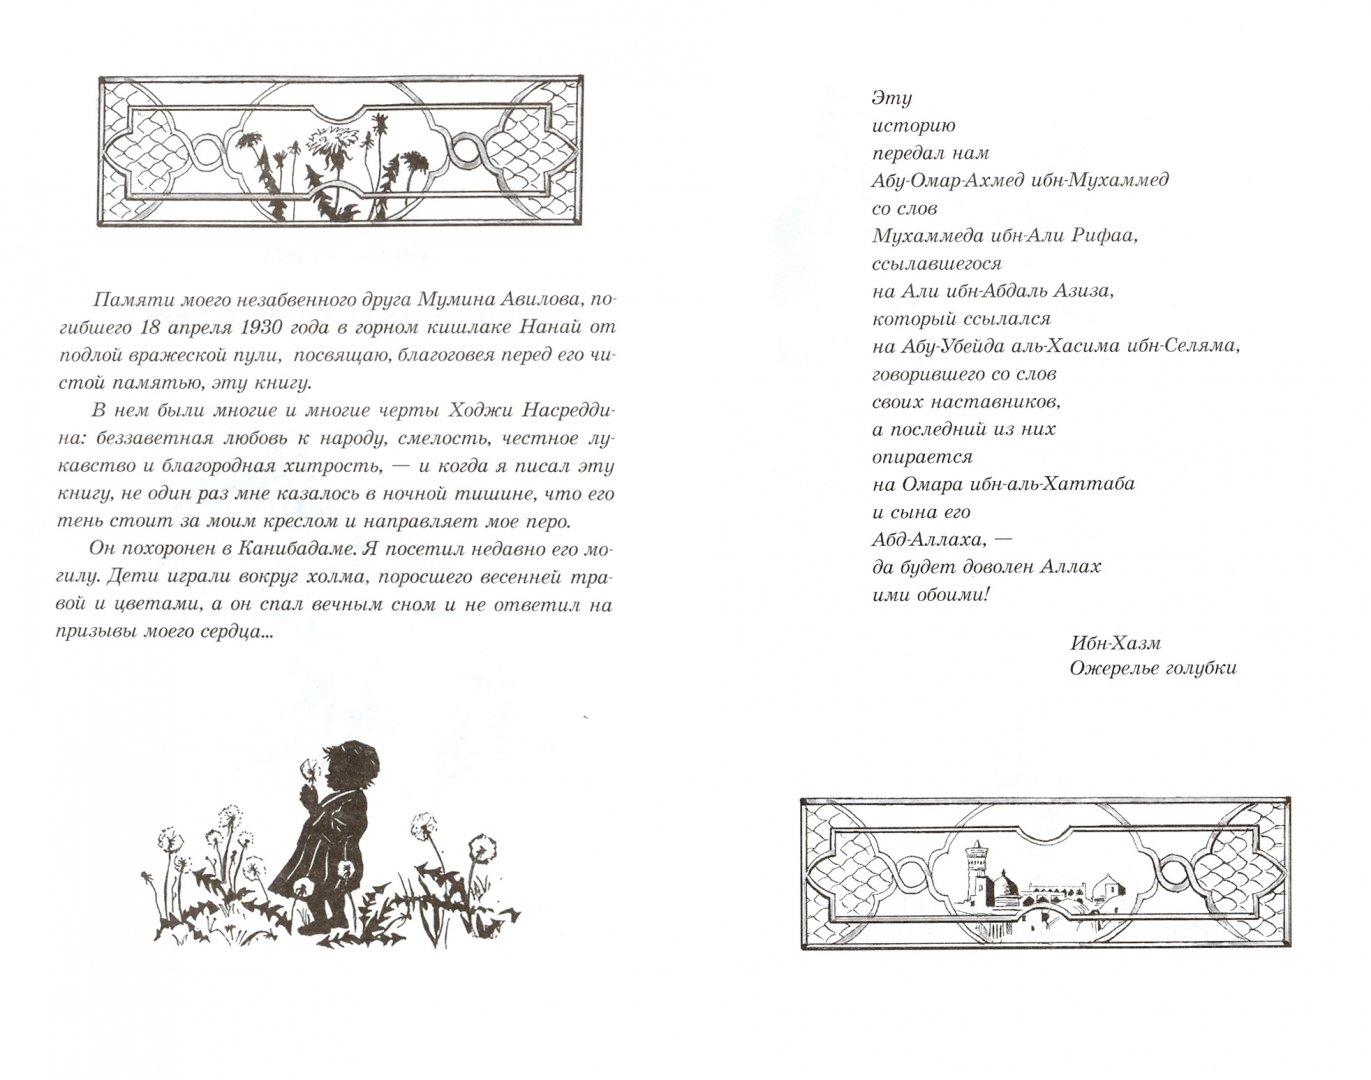 Иллюстрация 1 из 13 для Повесть о Ходже Насреддине. В 2-х книгах. Книга 1. Возмутитель спокойствия - Леонид Соловьев | Лабиринт - книги. Источник: Лабиринт